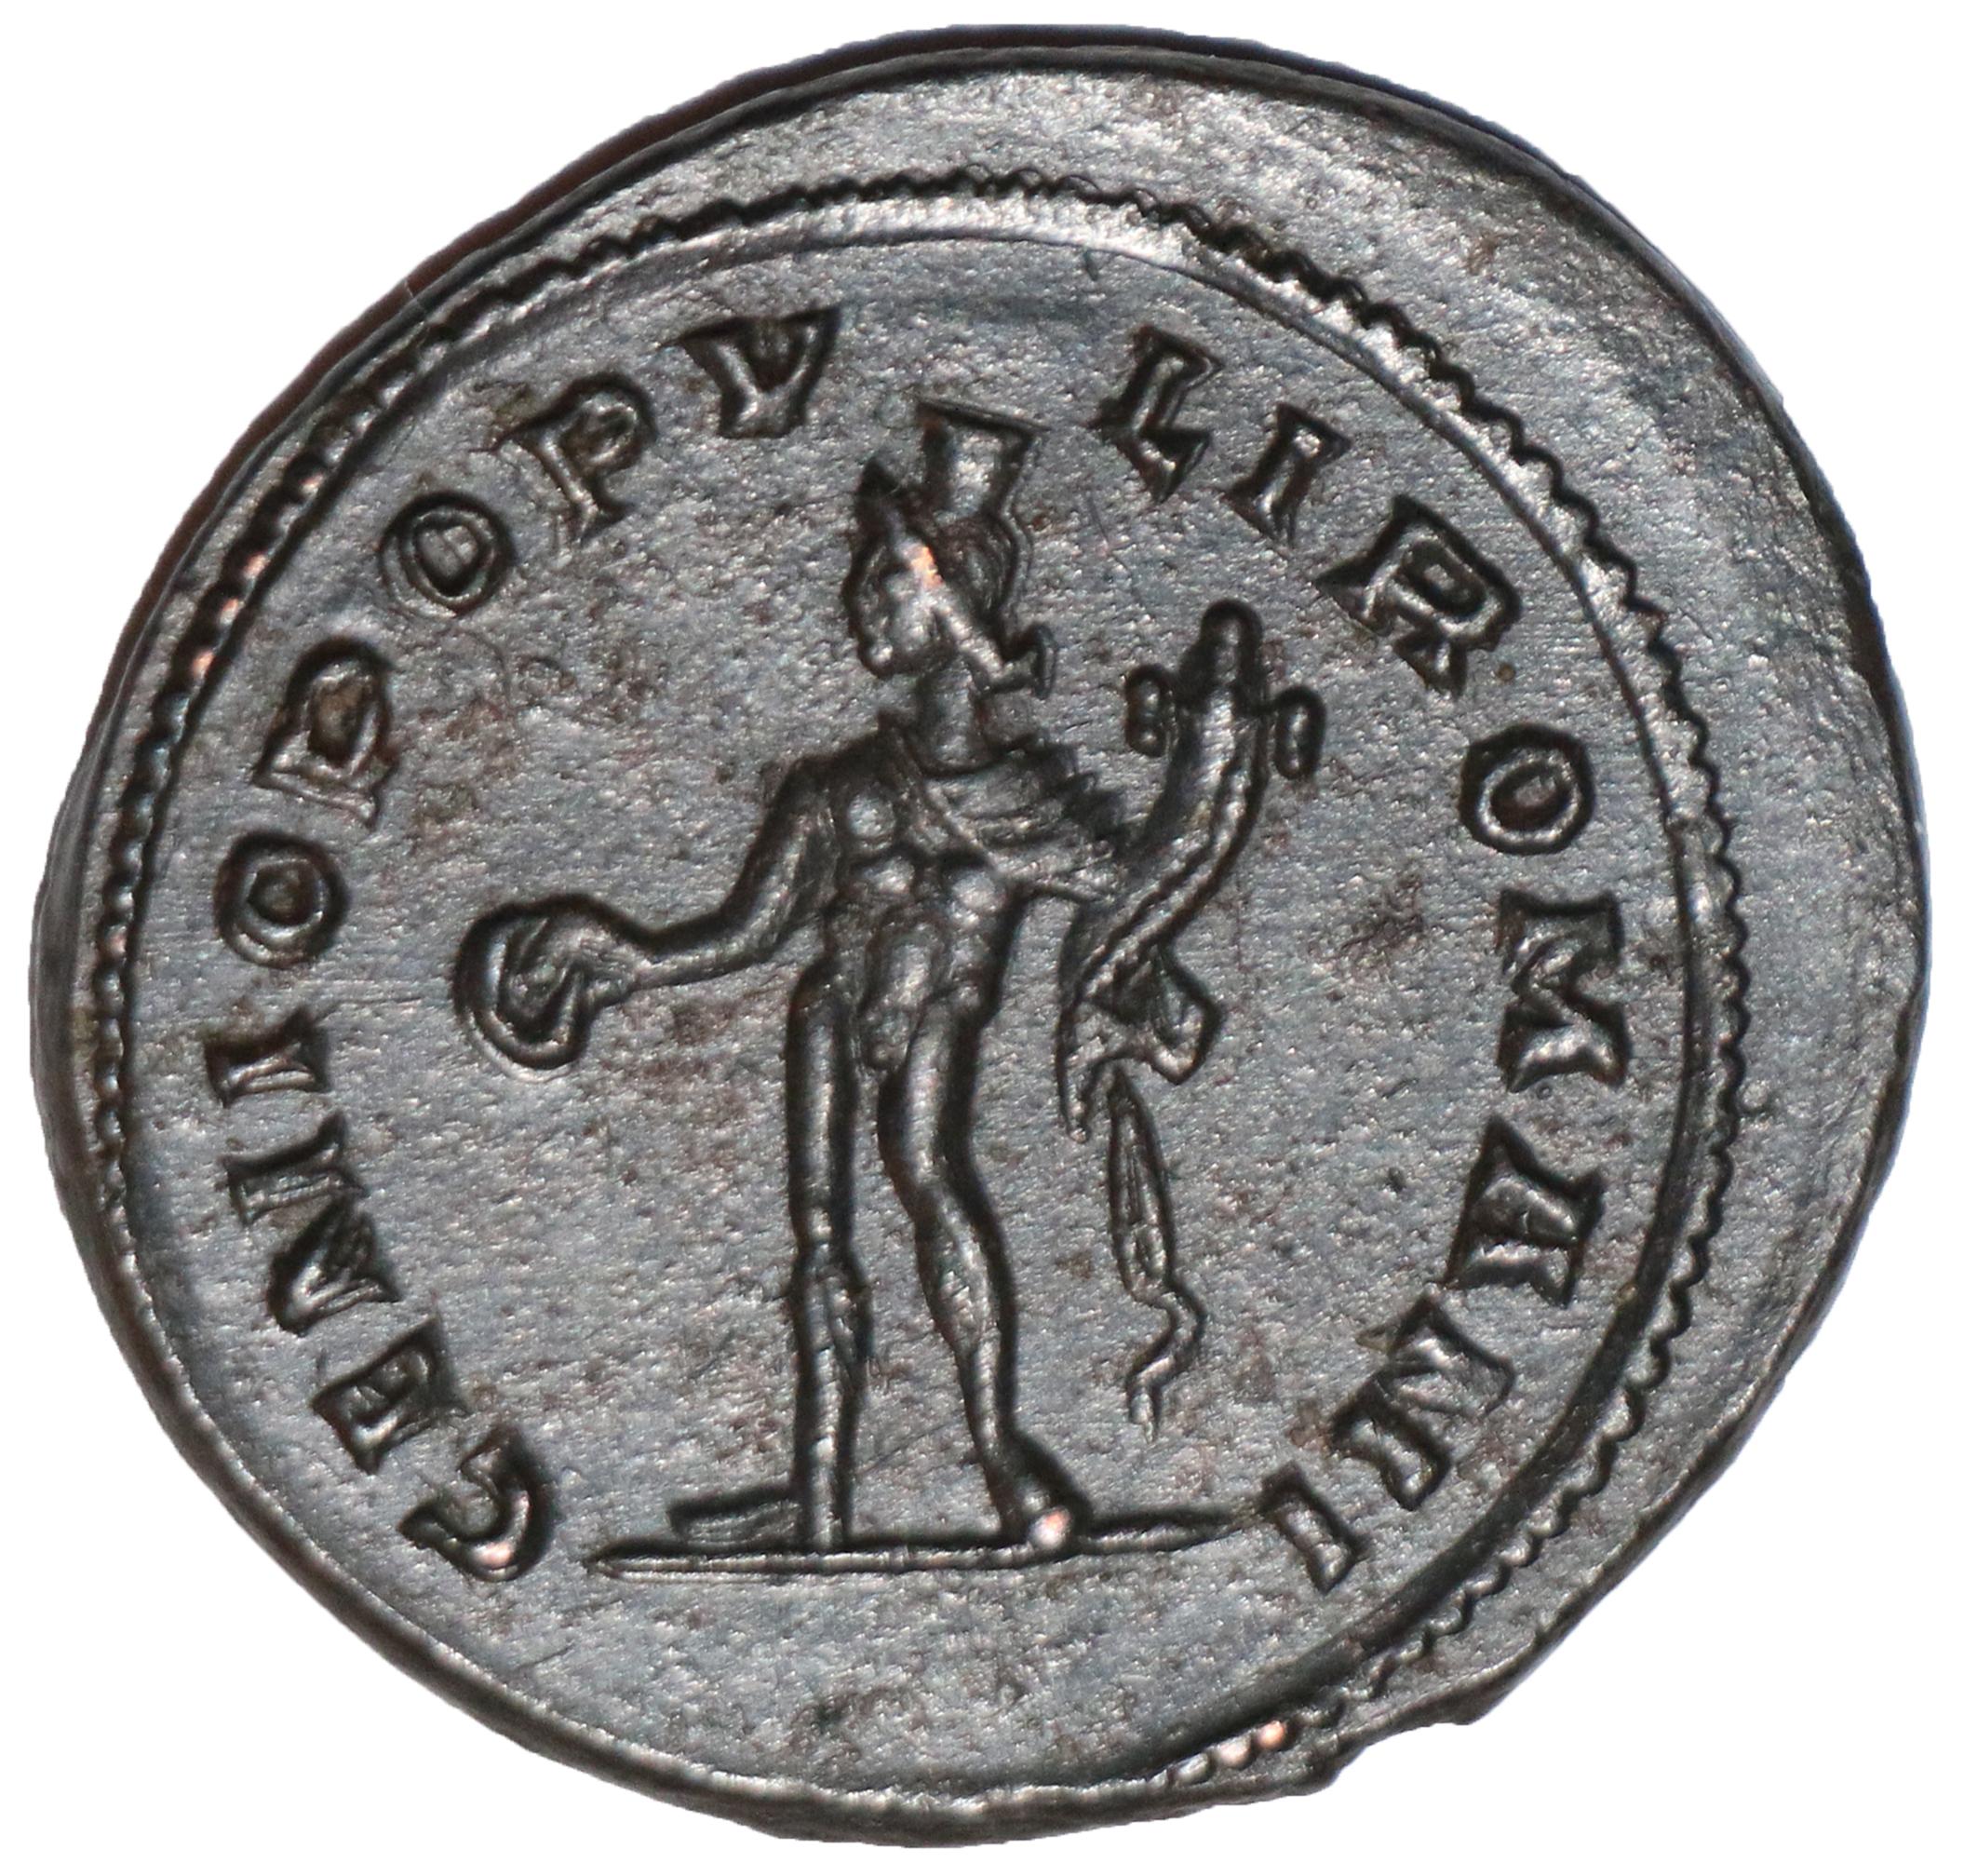 Follis - Galerius (GENIO POPVLI ROMANI; Londinium) - Roman